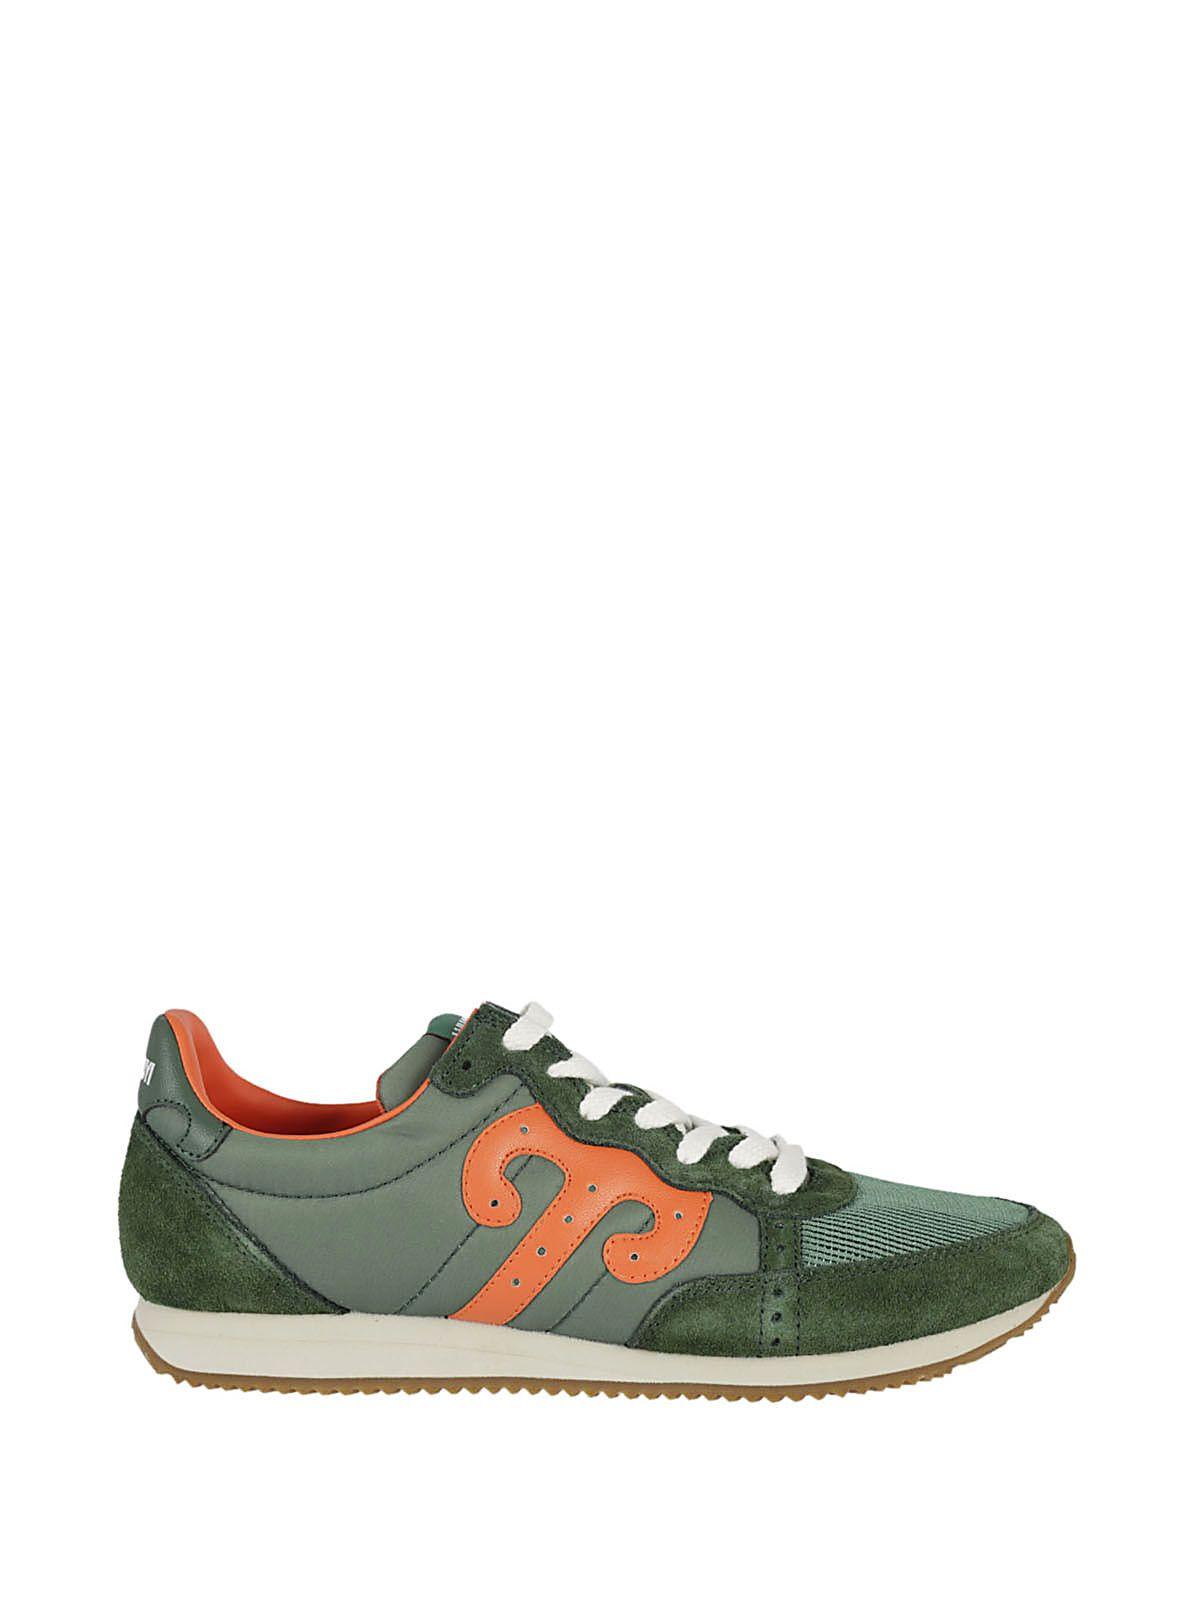 Wushu Tiantan Sneakers